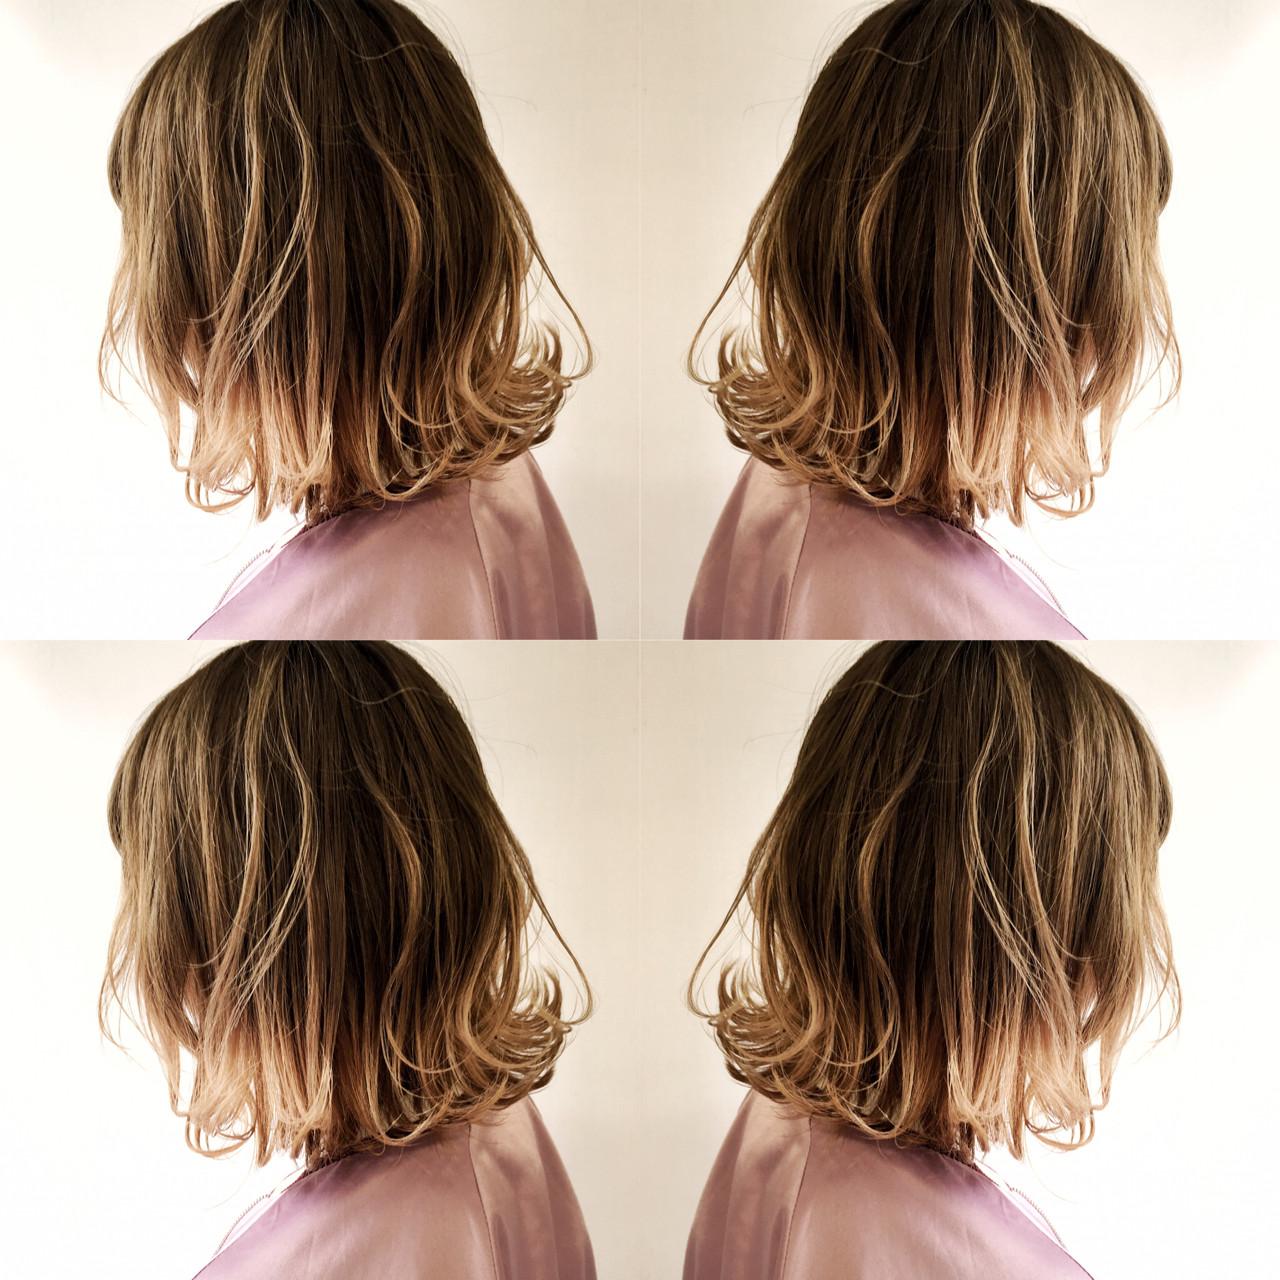 斜め前髪 ナチュラル 色気 リラックス ヘアスタイルや髪型の写真・画像